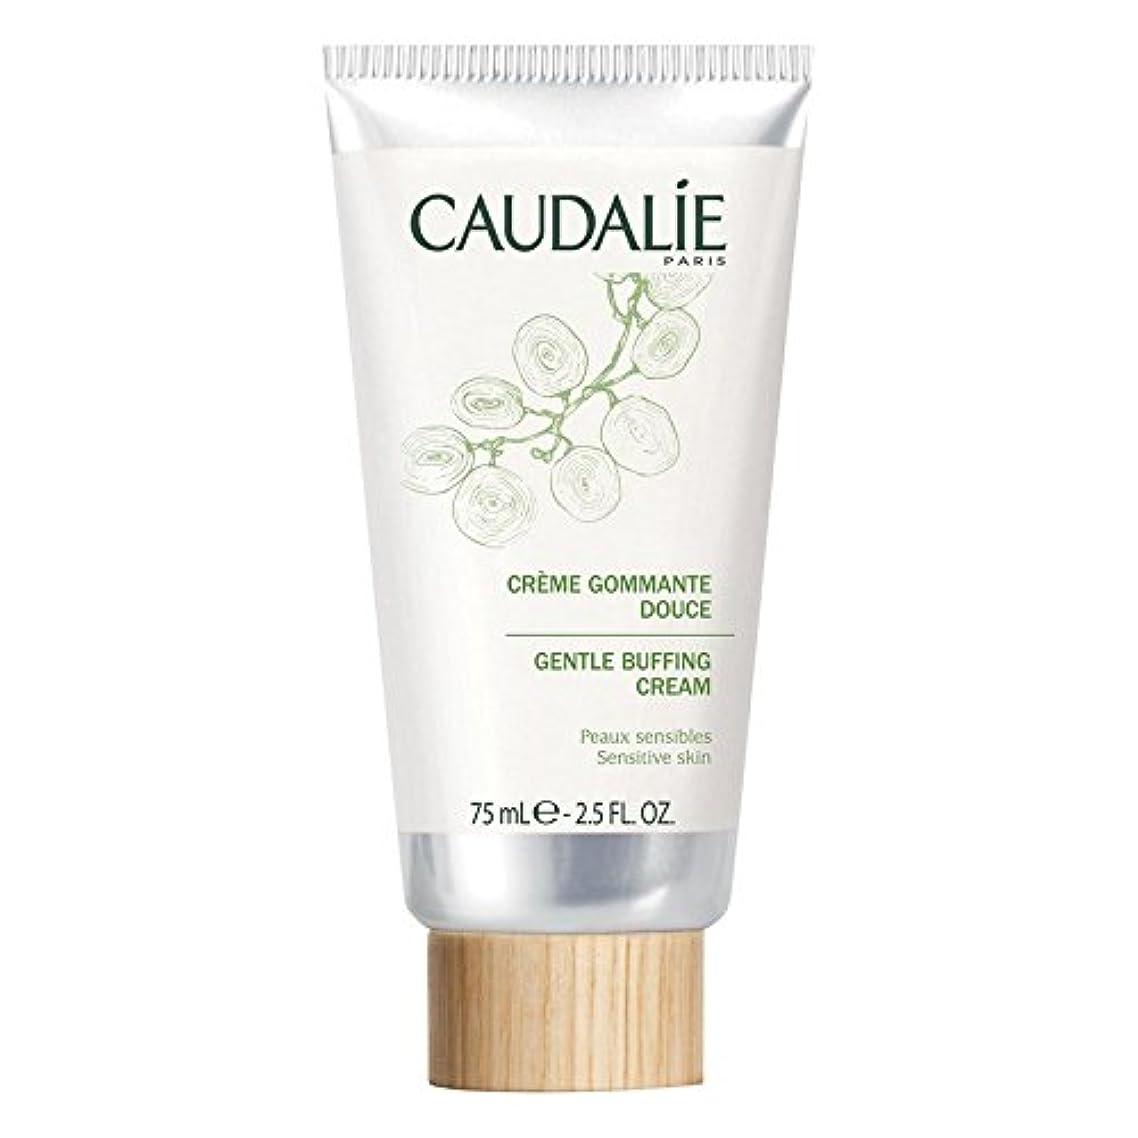 擬人結論場所Caudalie Gentle Buffing Cream 75ml - コーダリー穏やかバフクリーム75ミリリットル [並行輸入品]